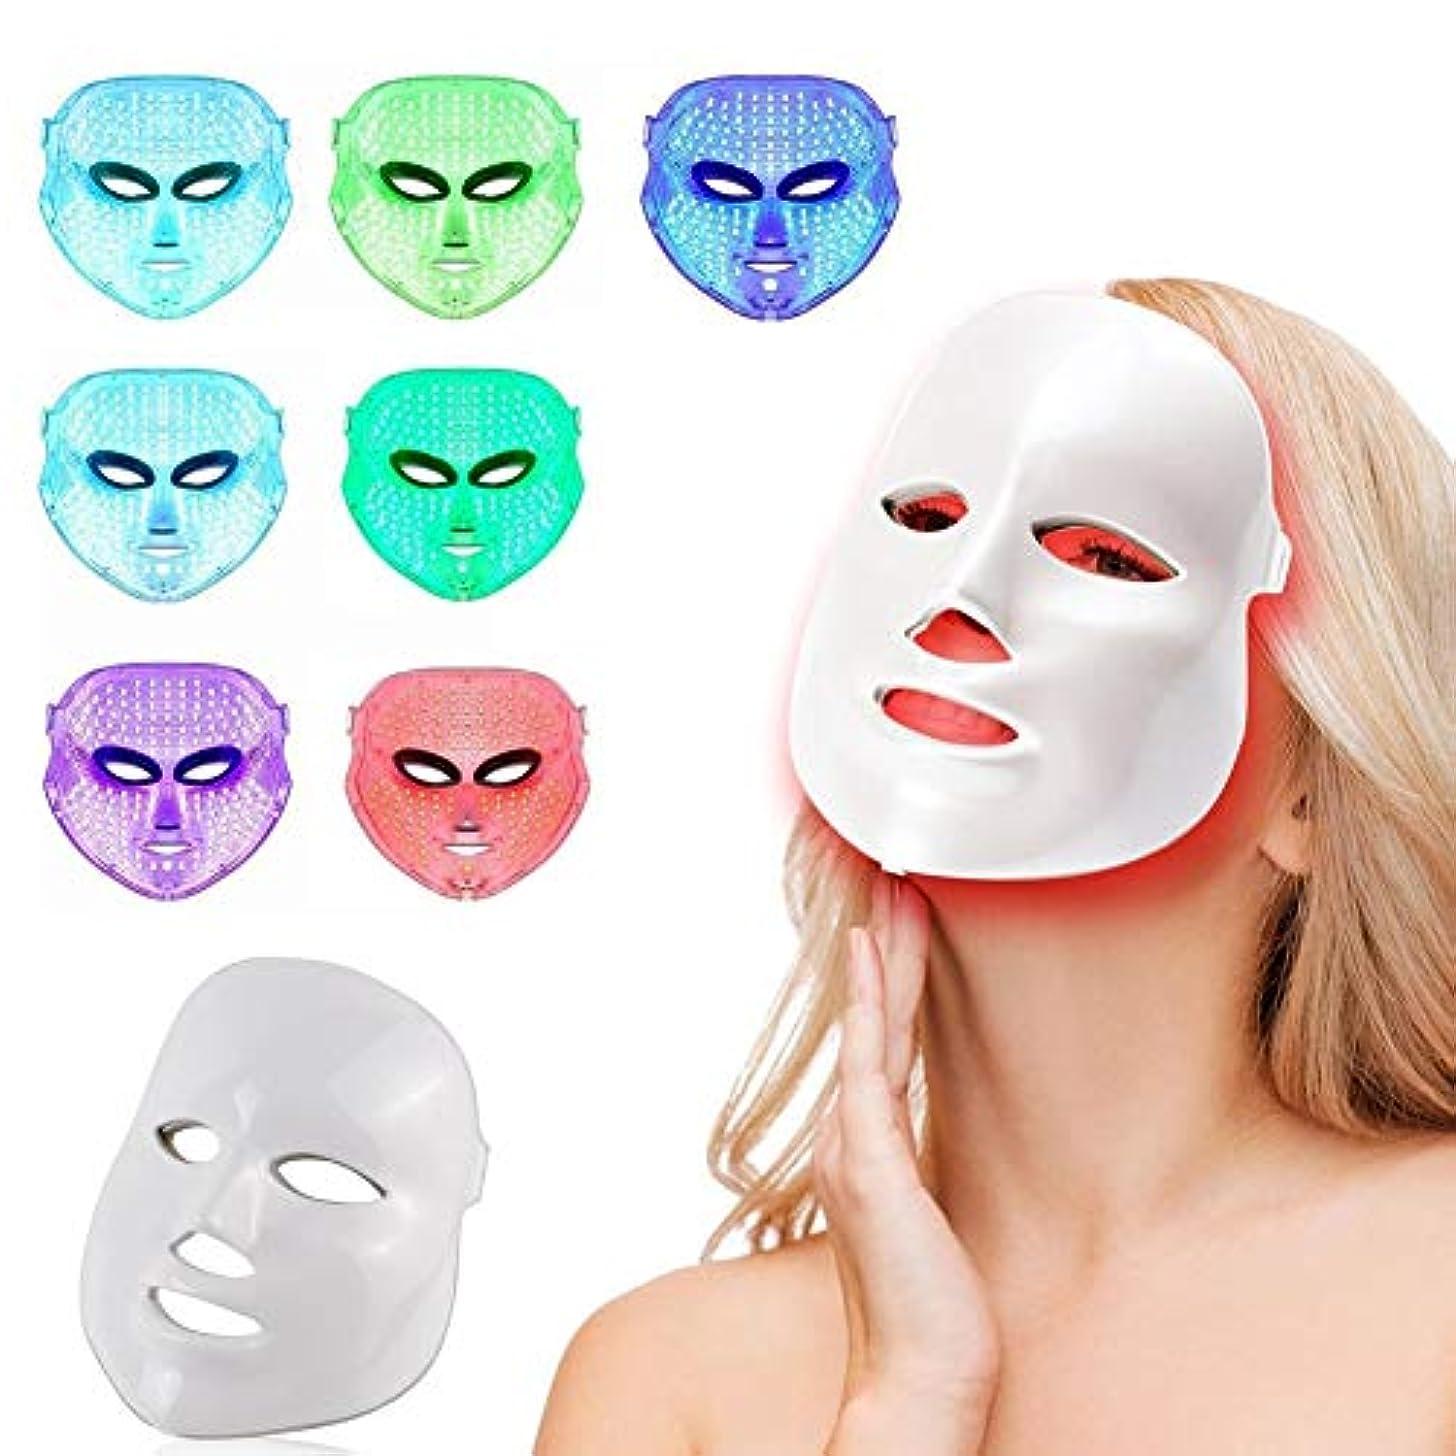 ジャンルスナップ遅滞7色LEDフェイスマスク、健康な肌の若返りのための光子光療法、フェイシャルスキンケア、アンチエイジングビューティー